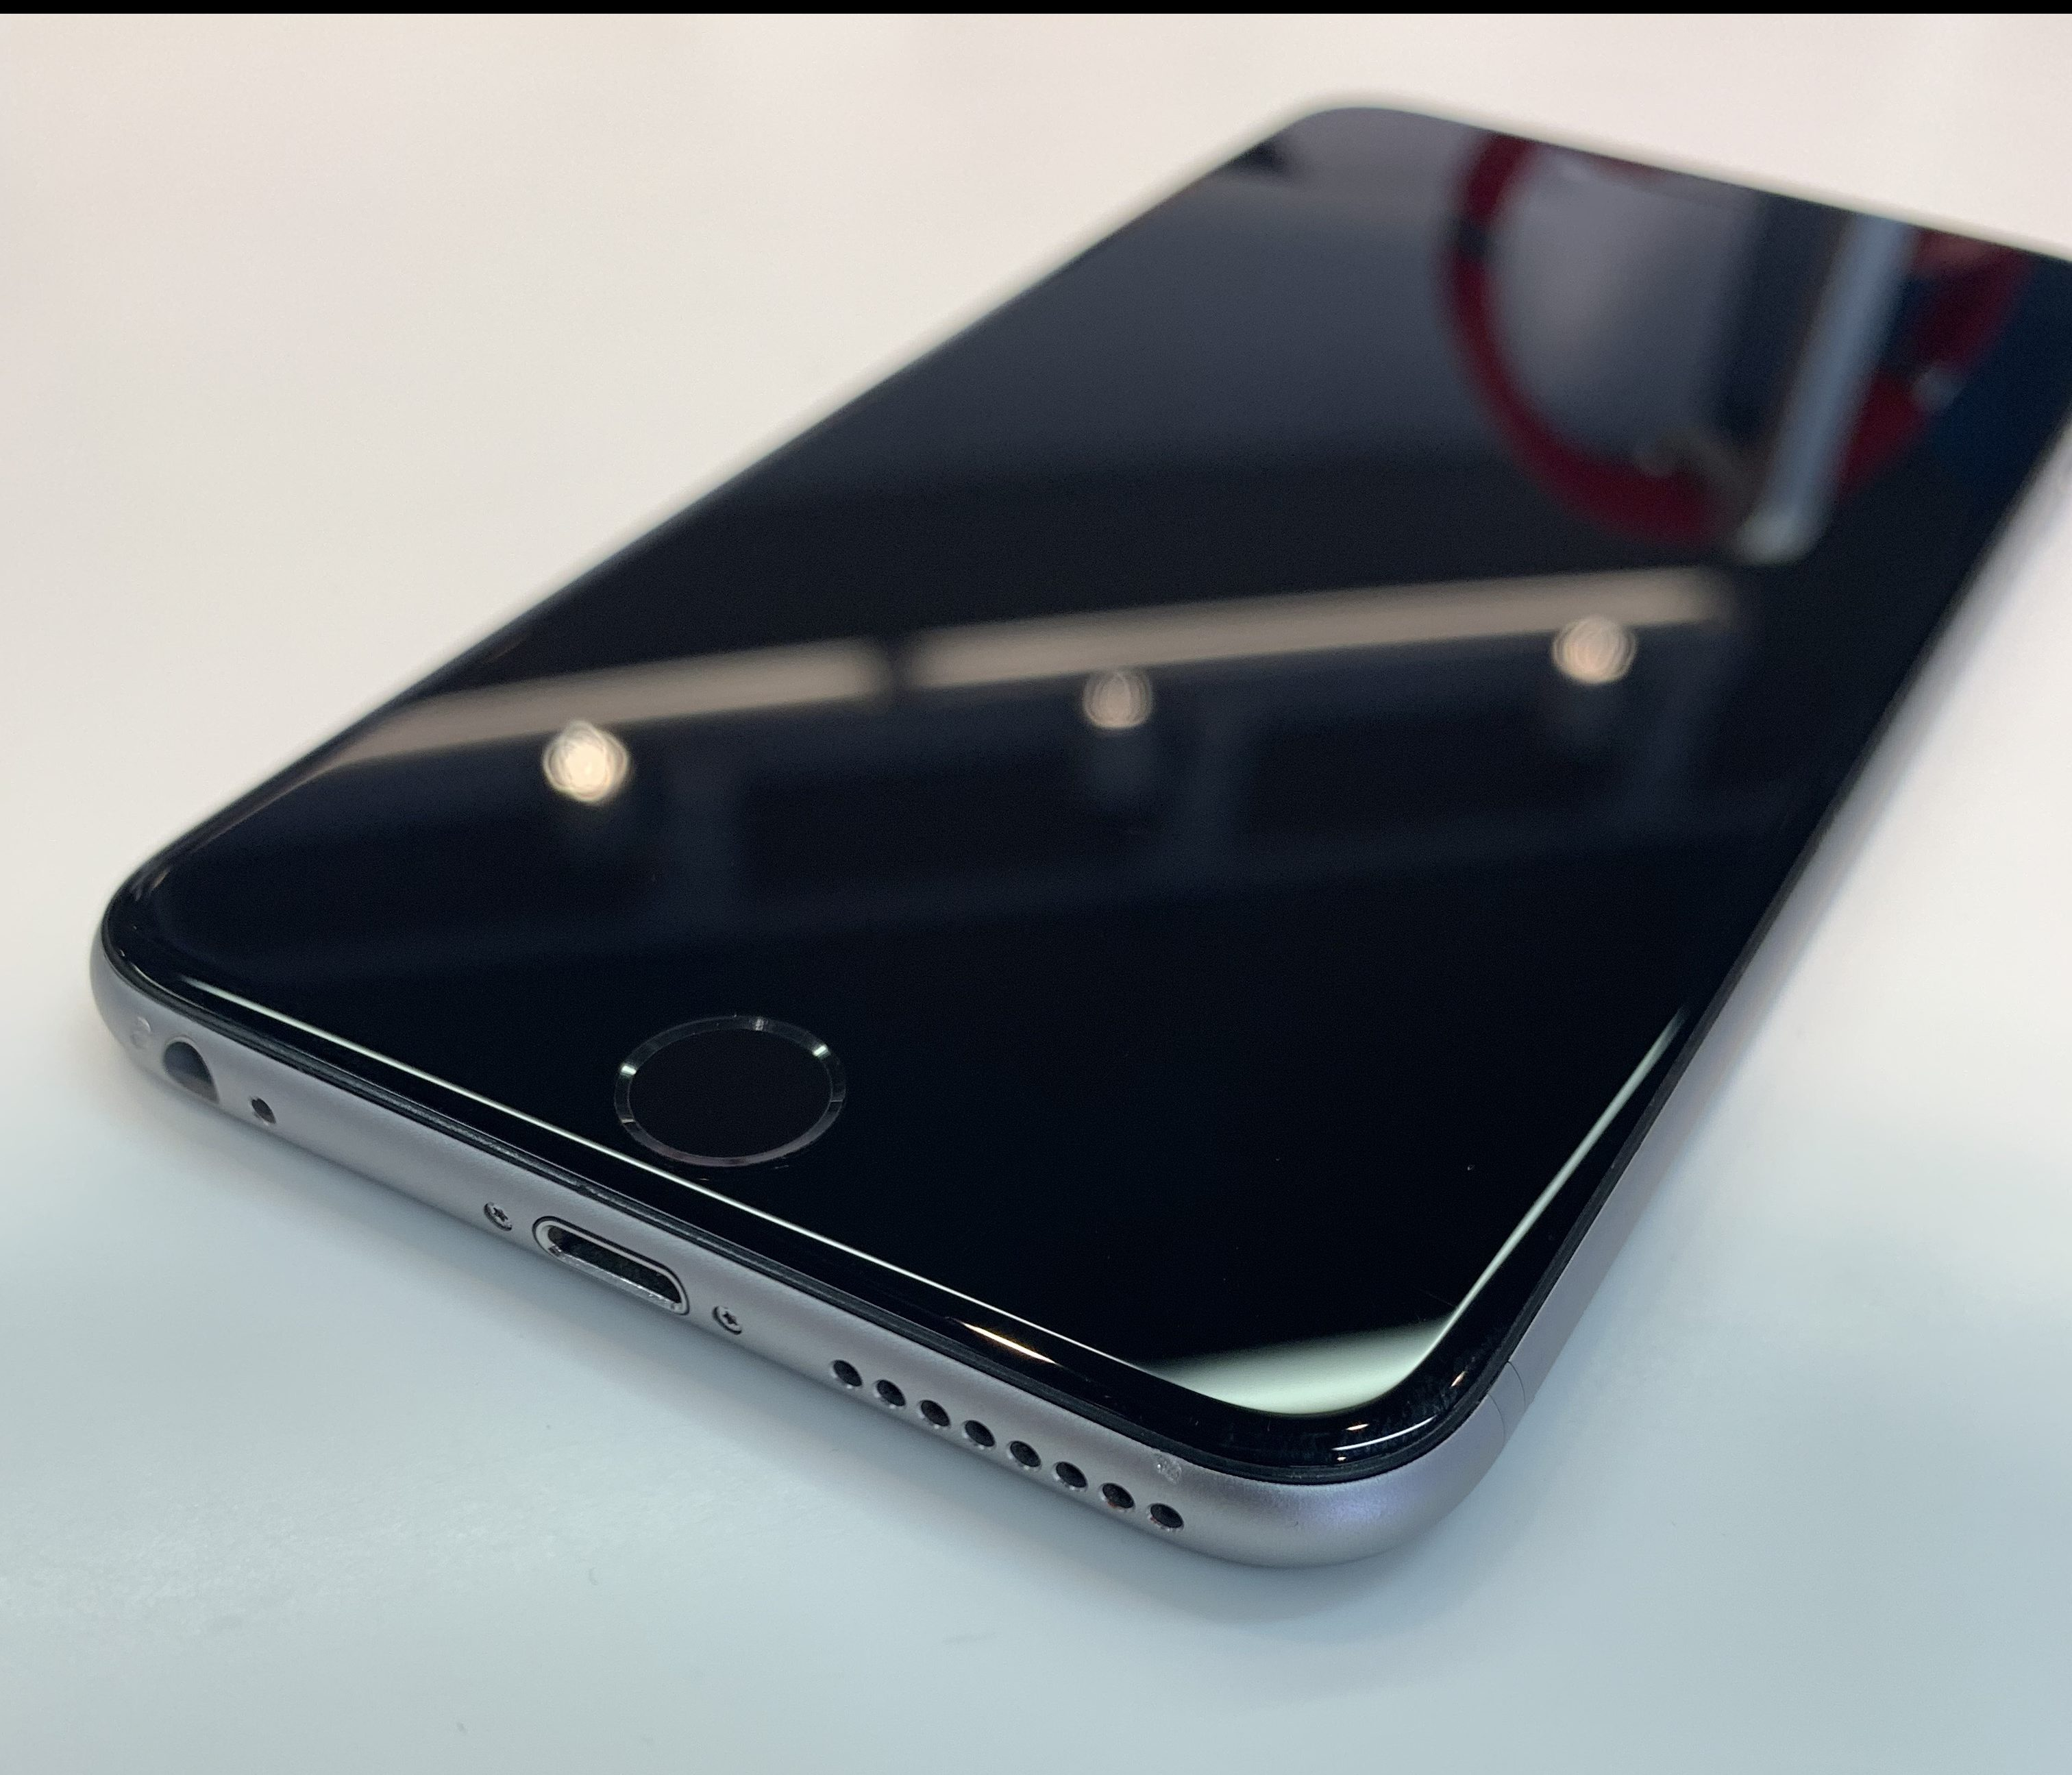 iPhone 6 Plus 16GB, 16 GB, Space Gray, imagen 7